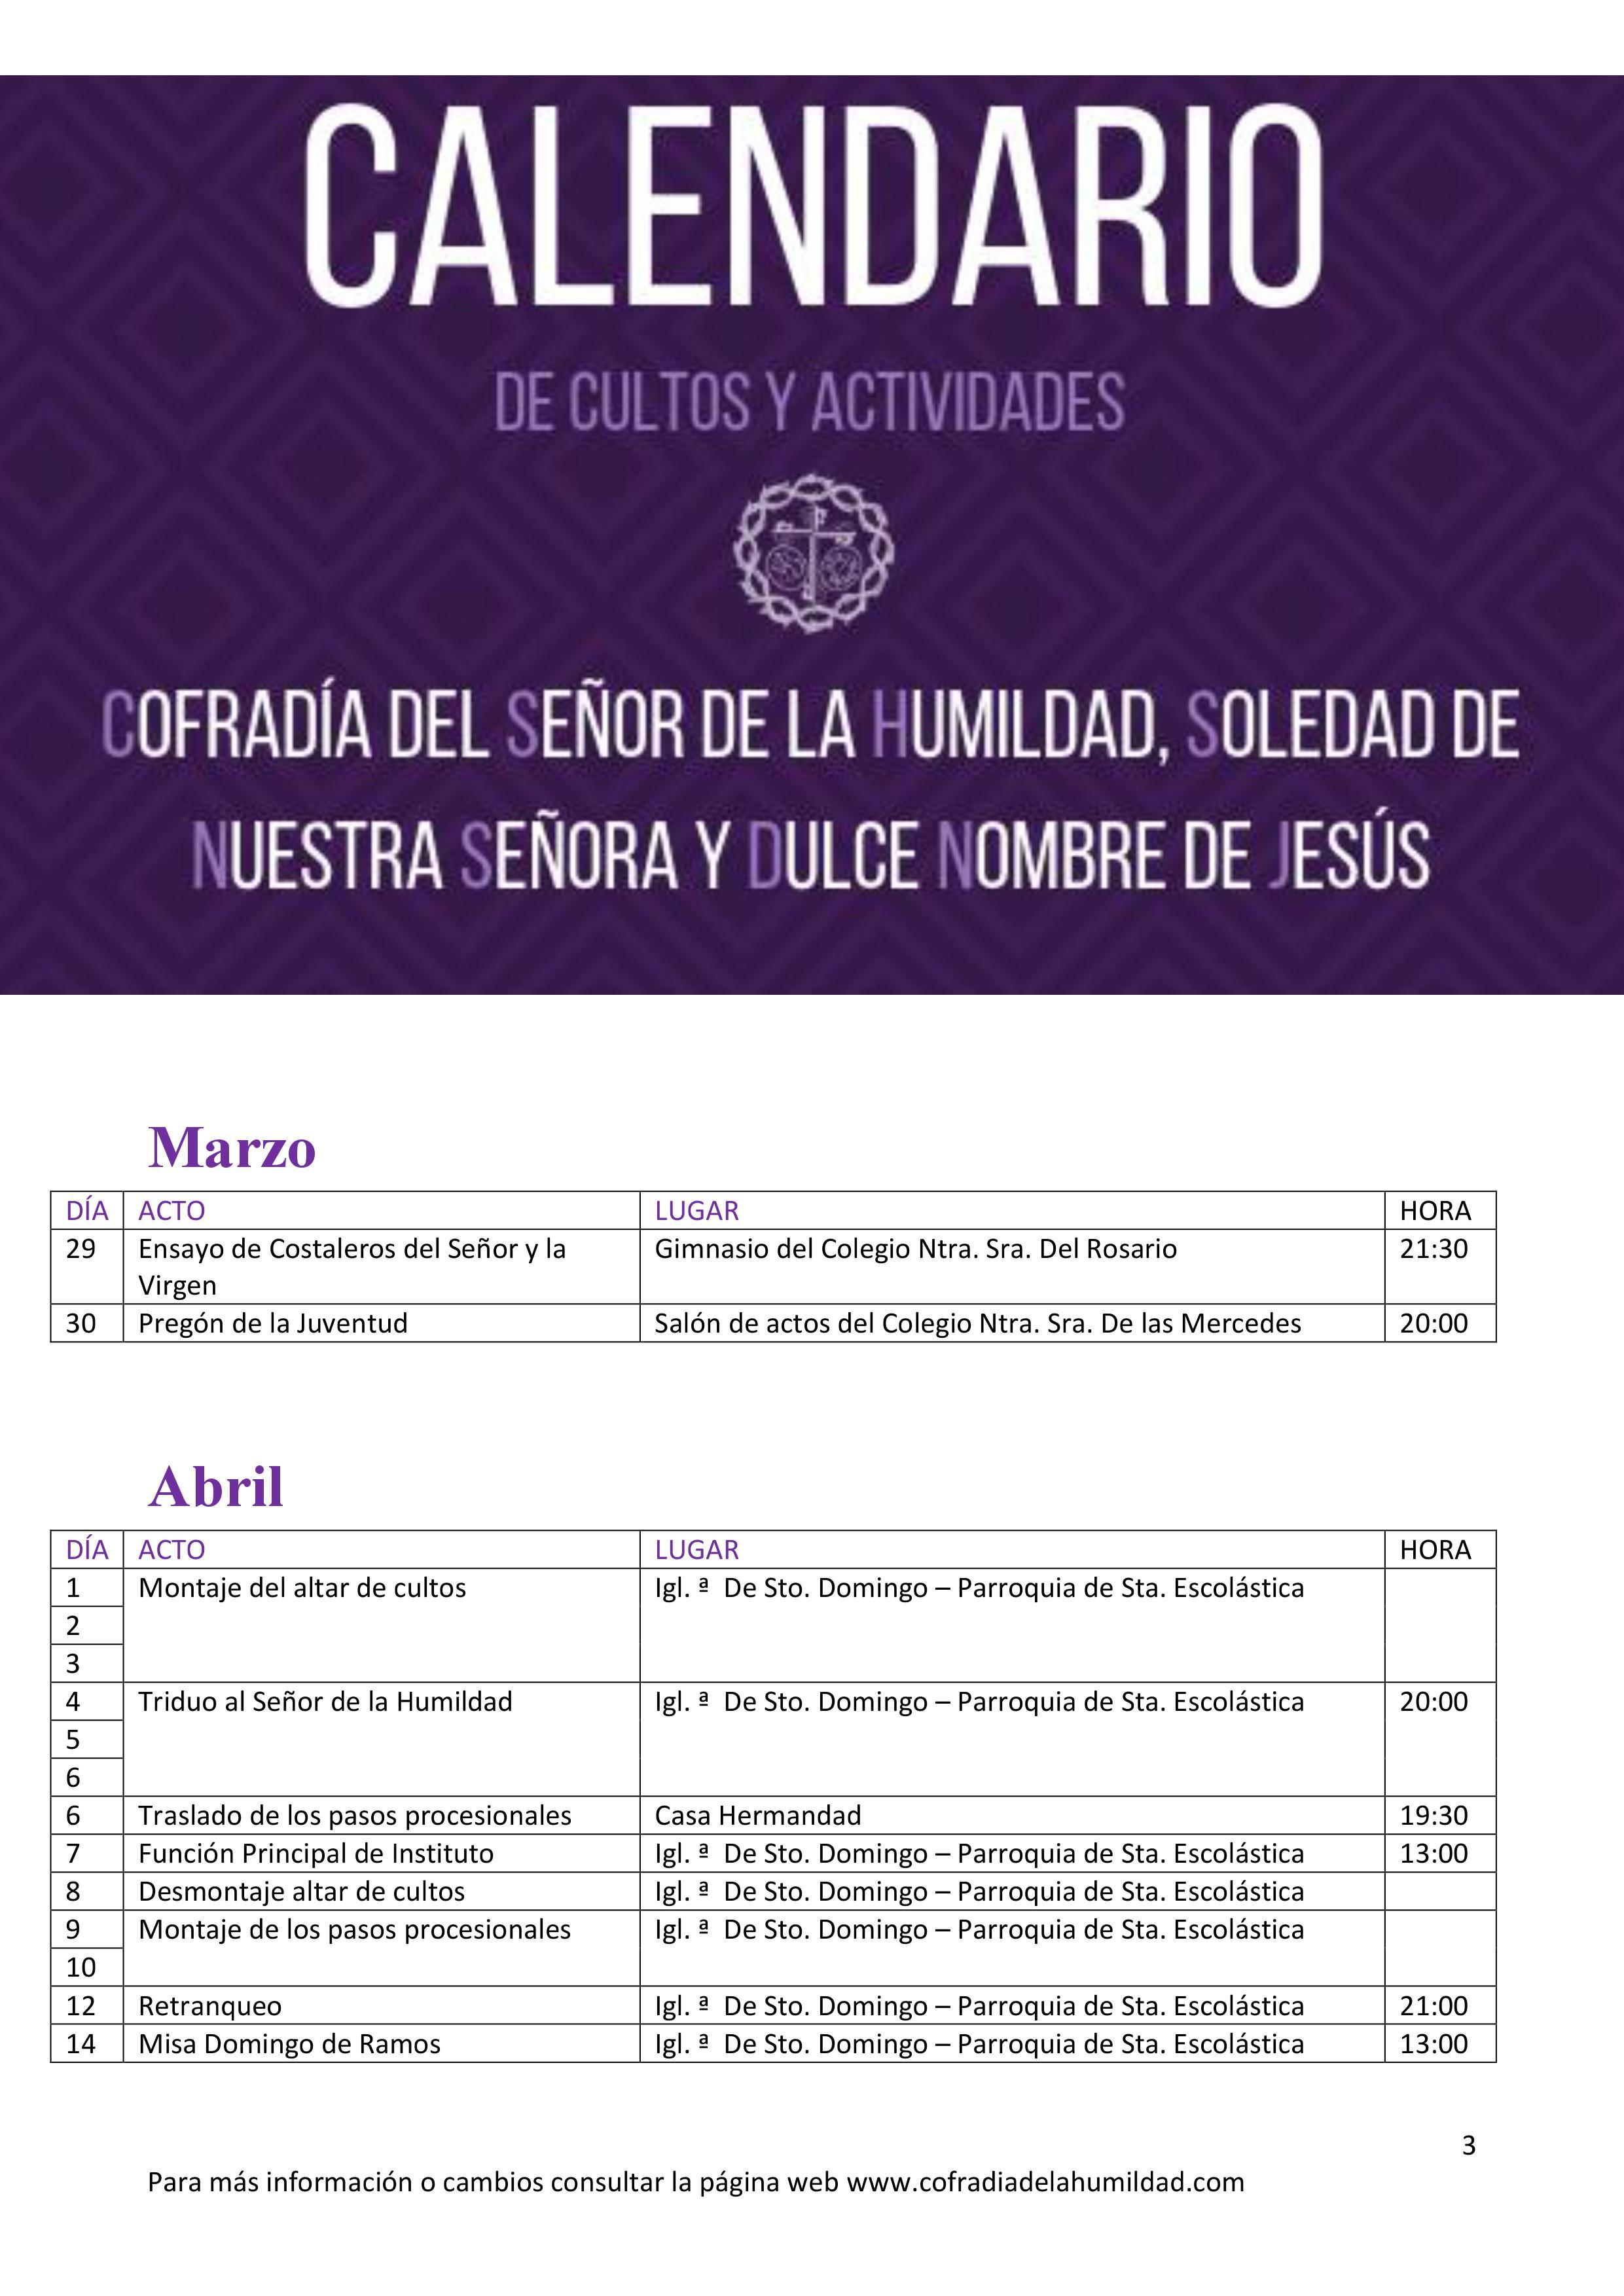 calendario cofradia humildad 2018-19 (4)